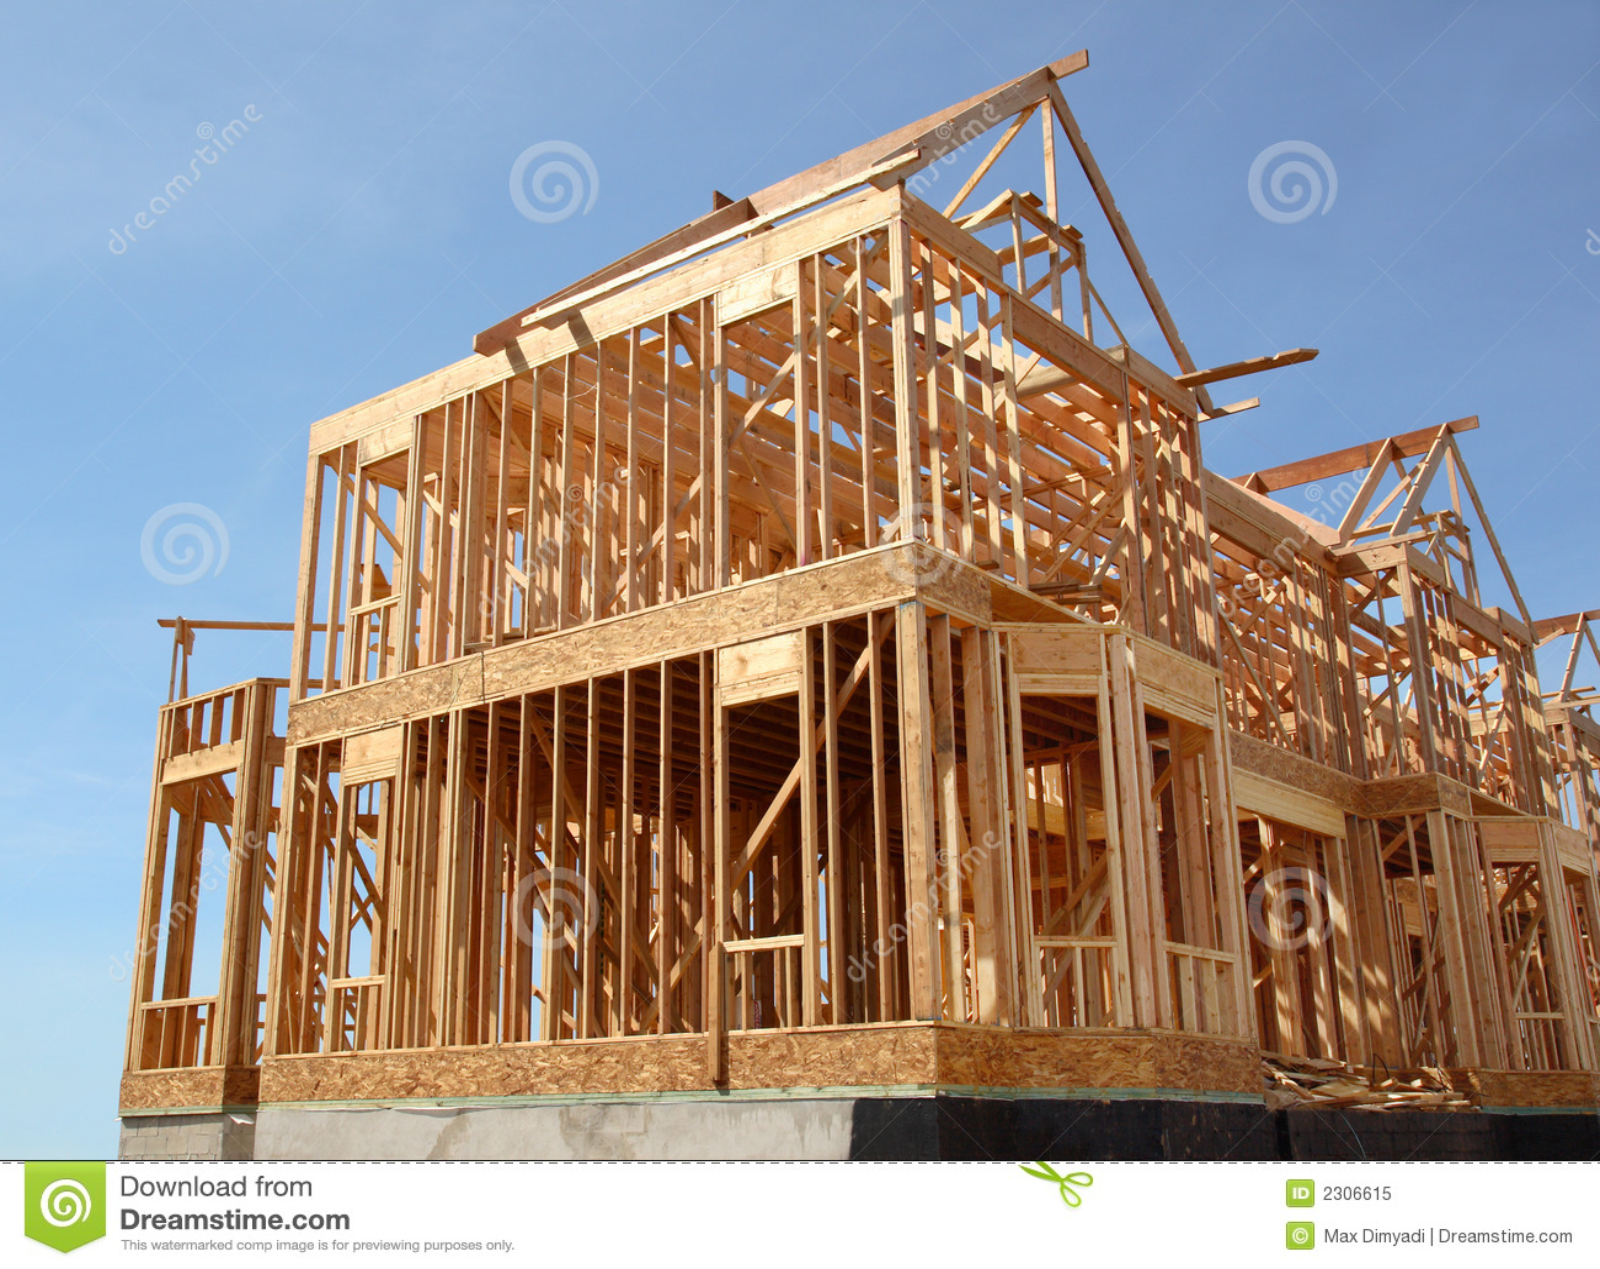 haus im bau stockbild bild von aufbau lichtstrahlen 2306615. Black Bedroom Furniture Sets. Home Design Ideas